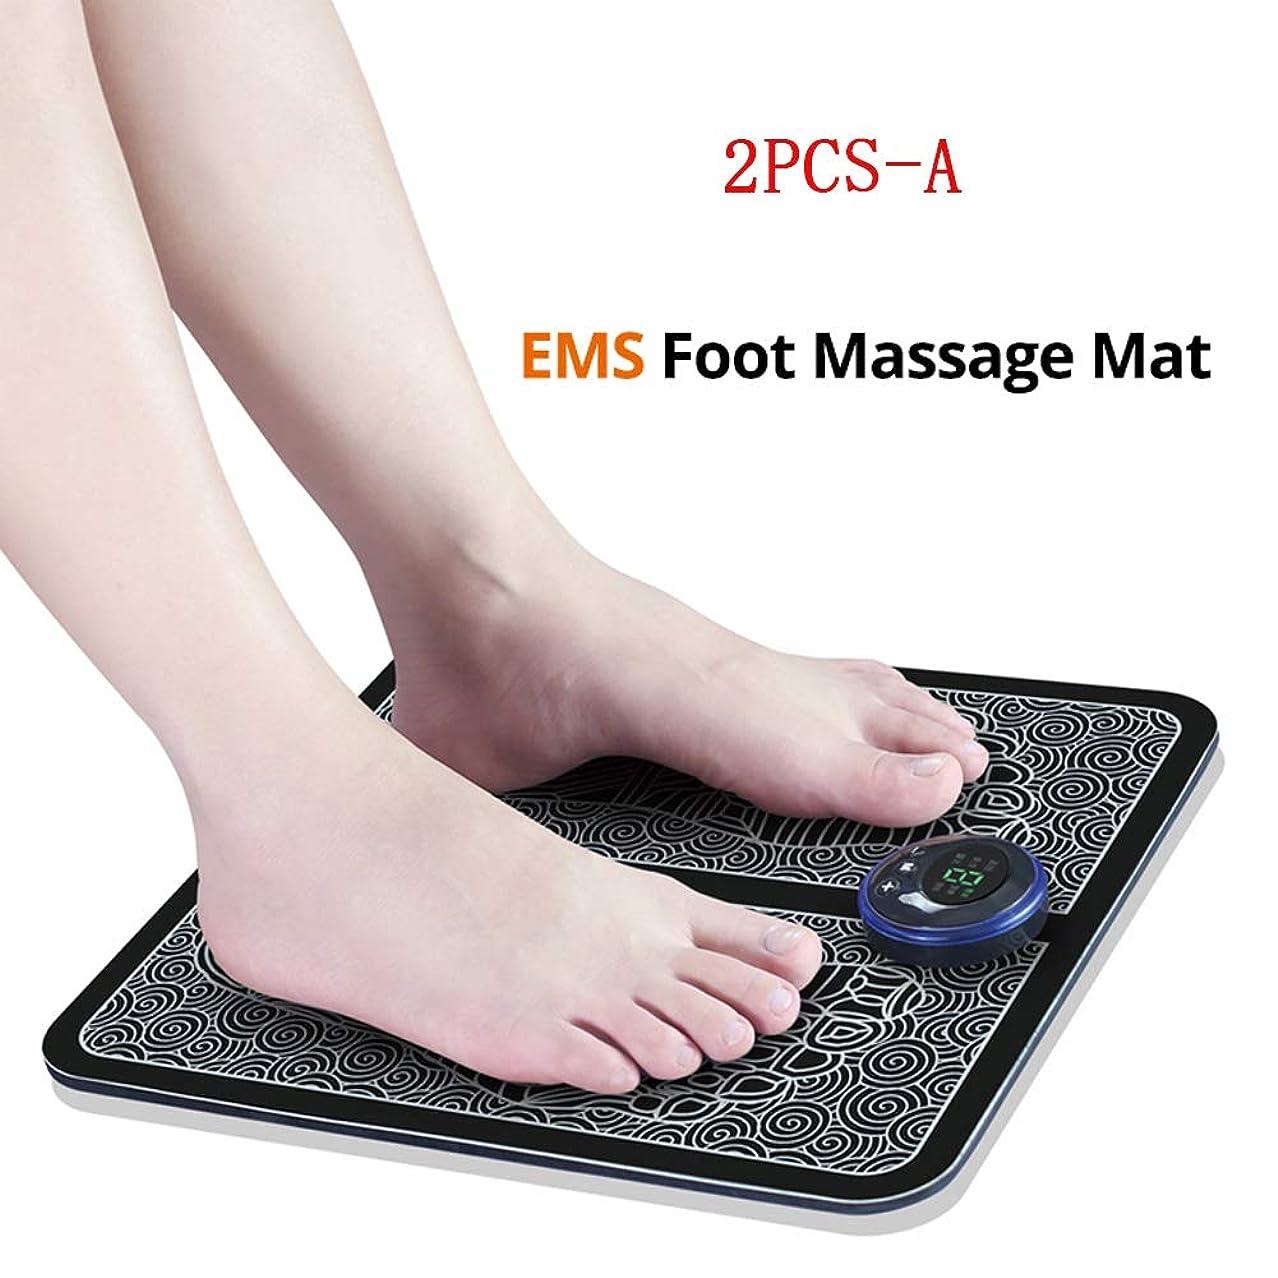 精巧な騒混沌EMSスマートフットマッサージパッド、フットマッサージャー、足指圧療法、血液循環を促進し、男性と女性の疲労を軽減、2PCS,A